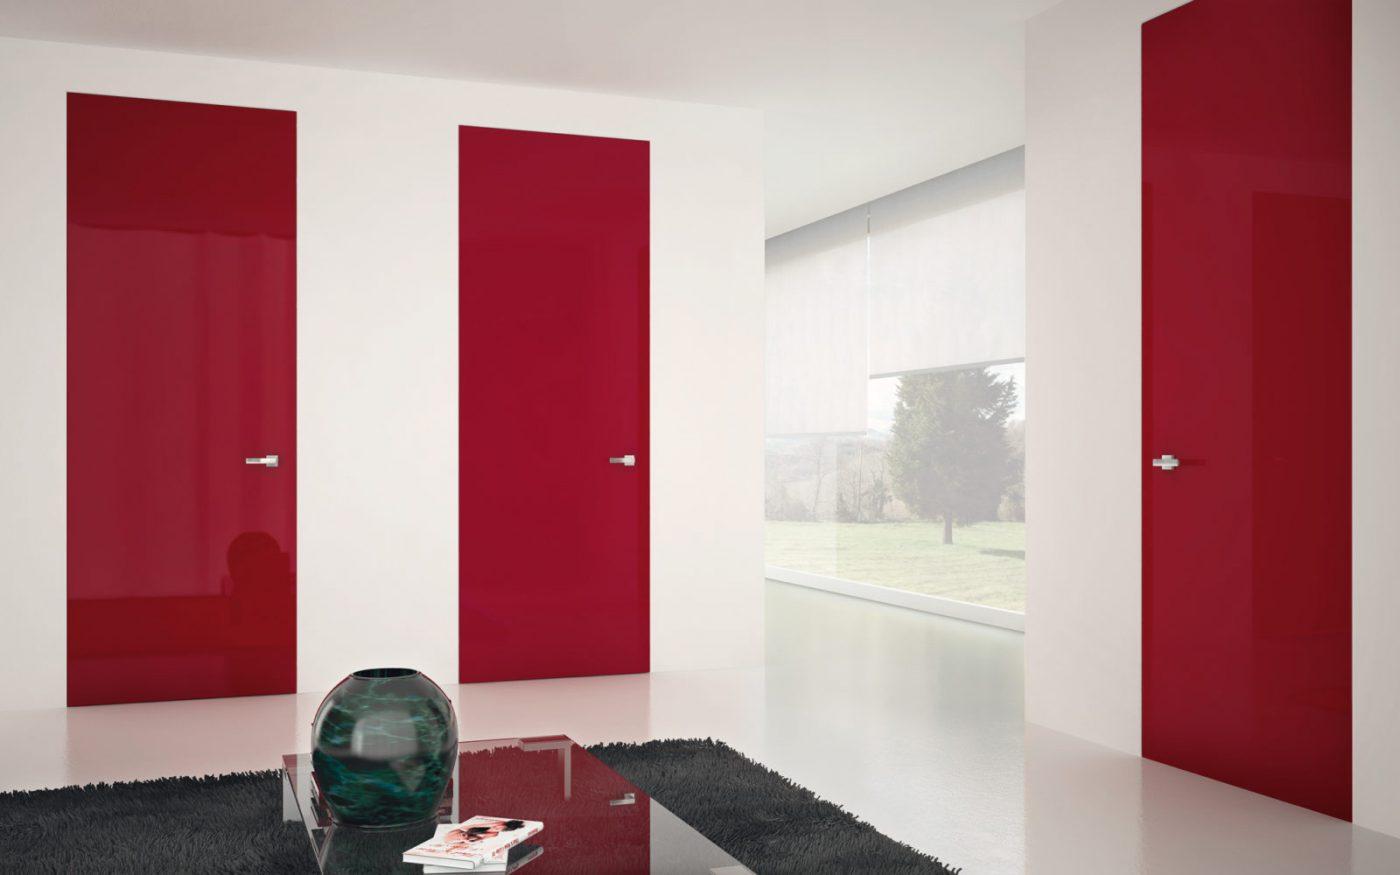 Porte rosse a filo muro - Garofoli